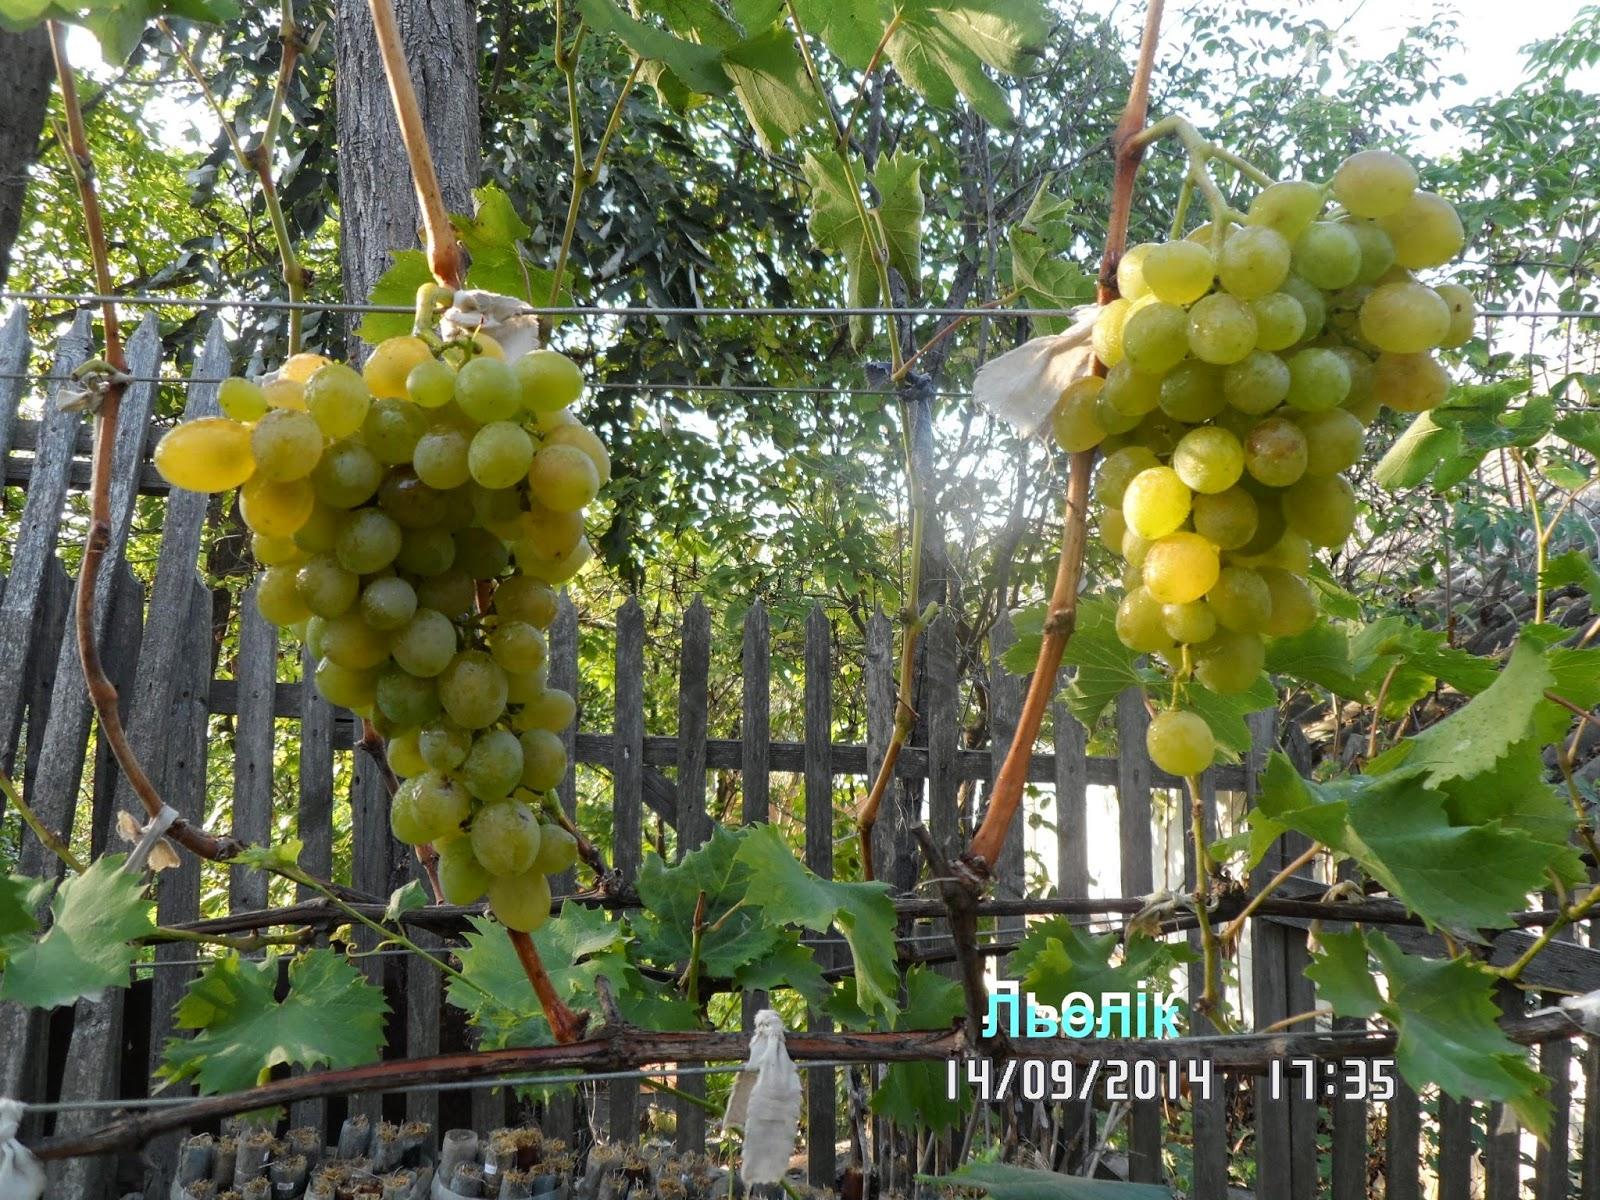 Желтые помидоры: описание, урожайность, сорта. Желтые